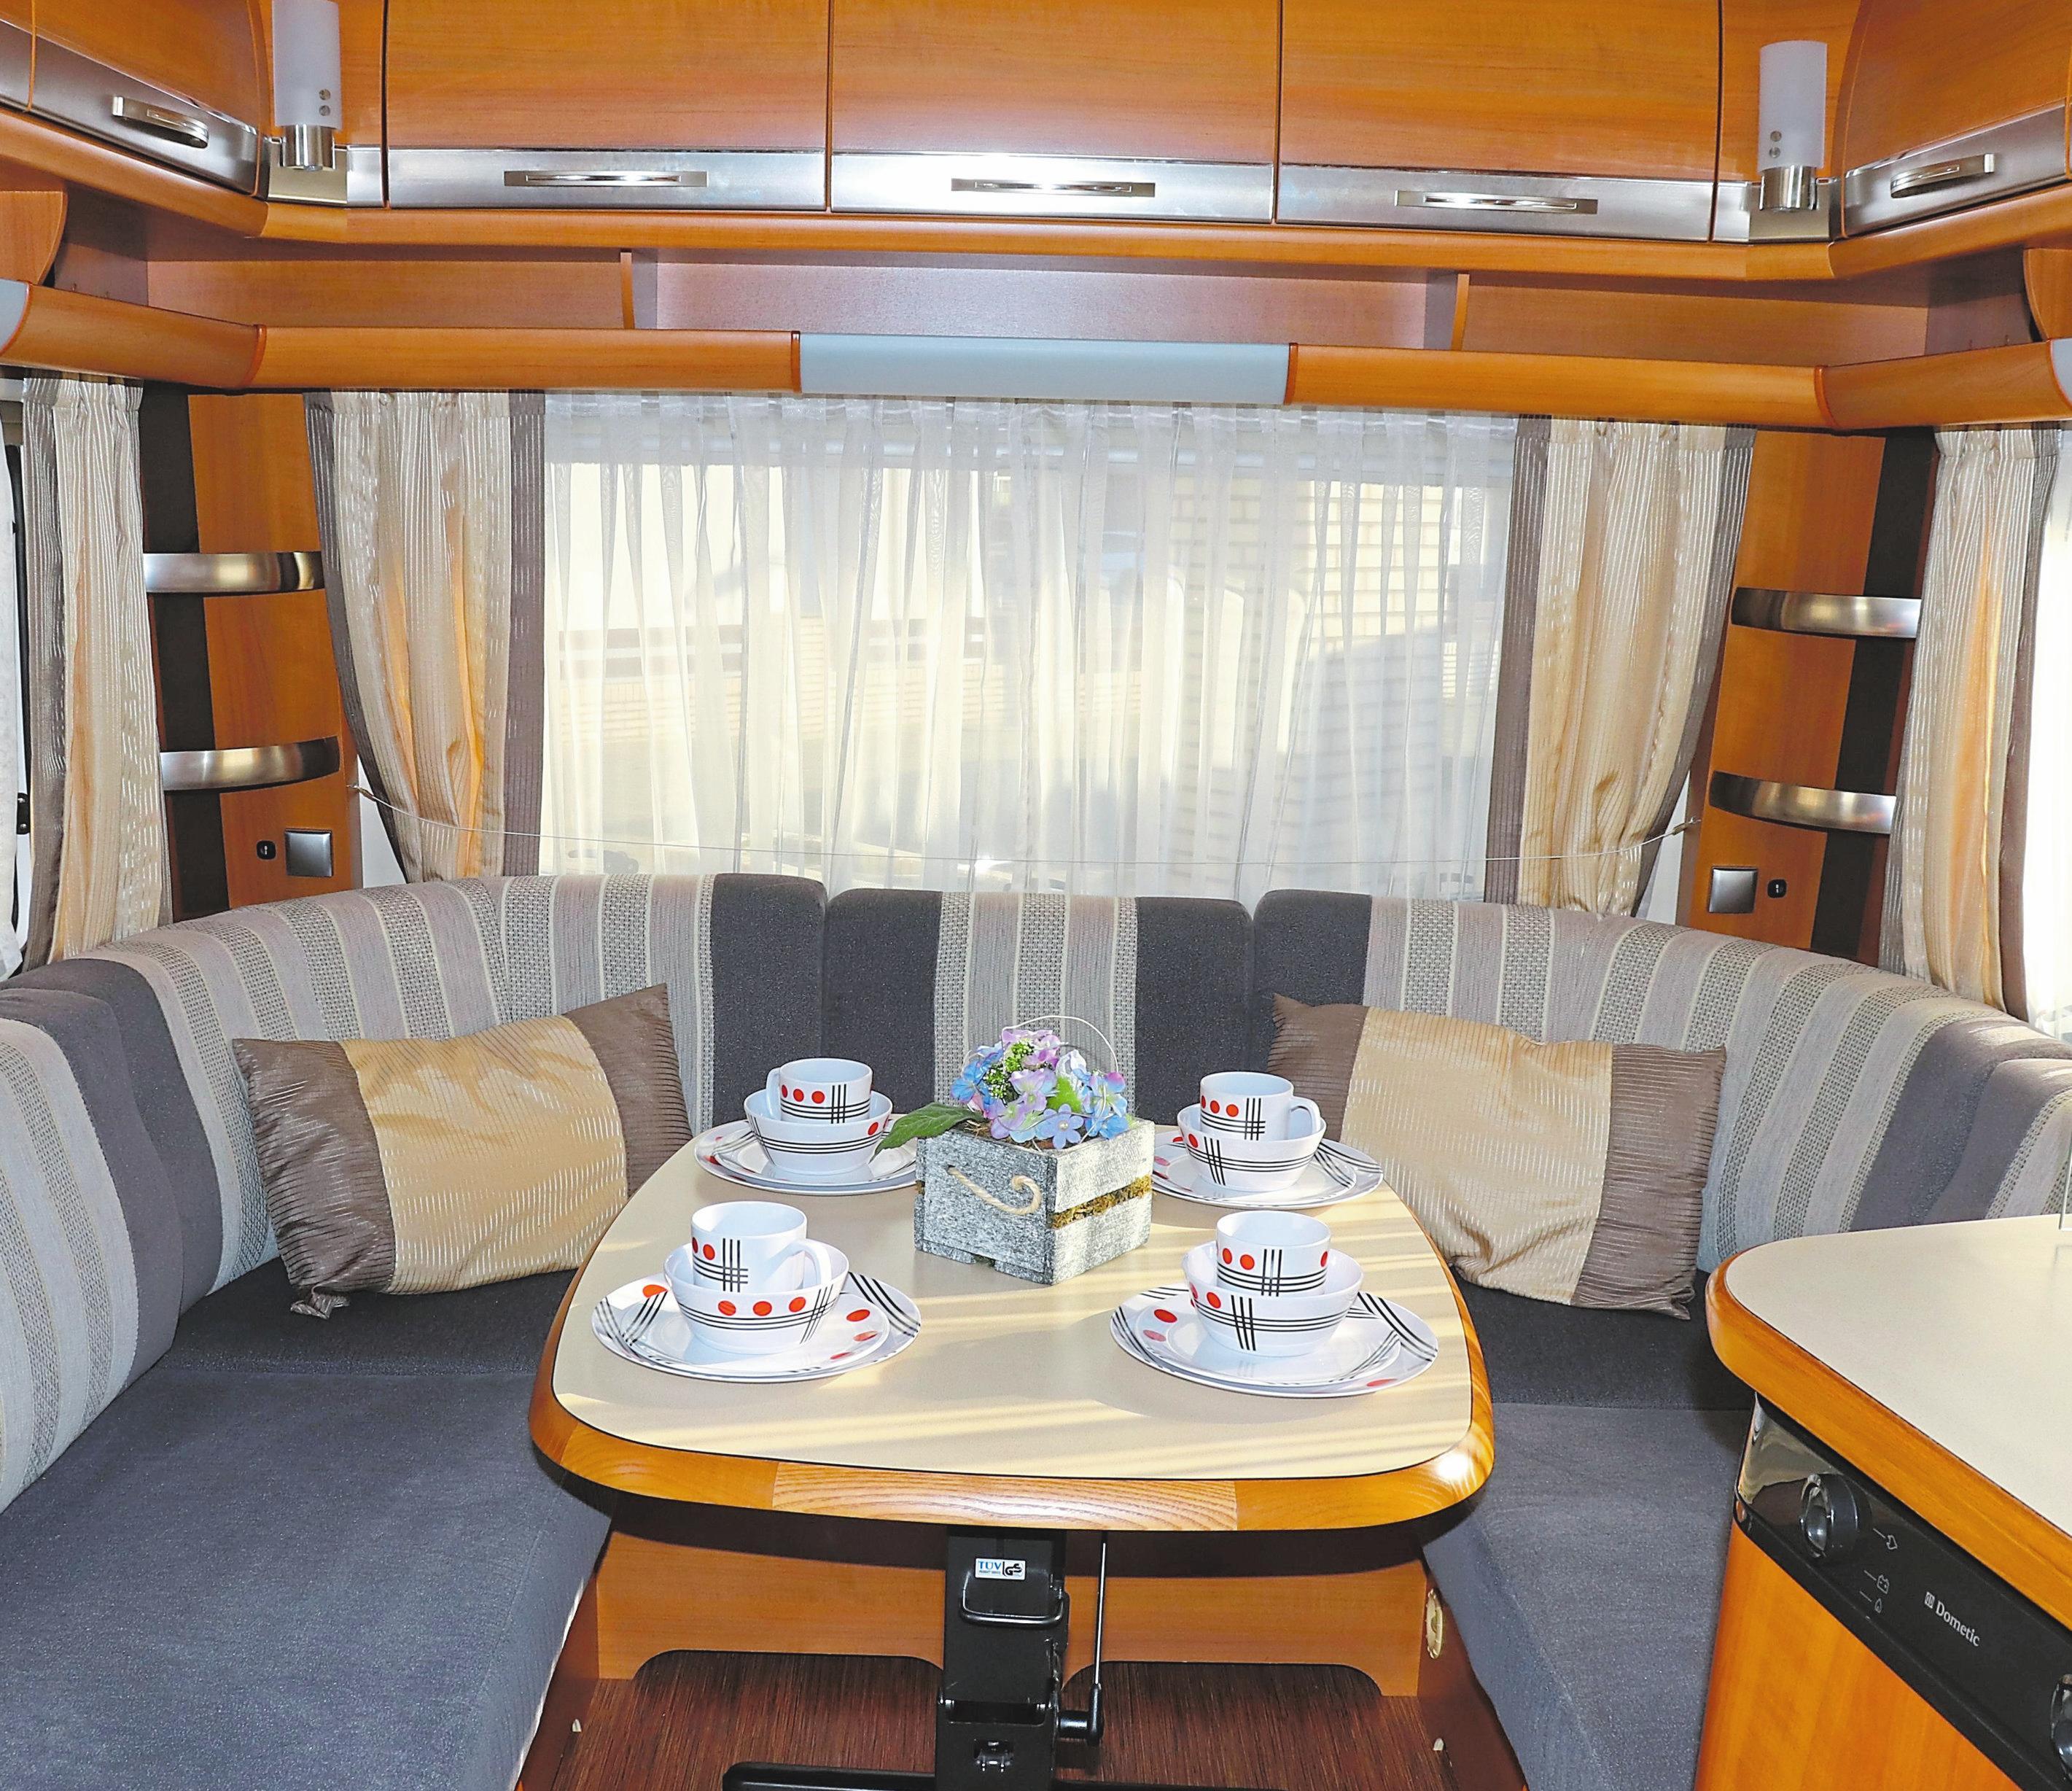 Neben hoher Qualität ist bei den Kunden heute auch ein gemütliches Ambiente in Wohnwagen besonders gefragt.